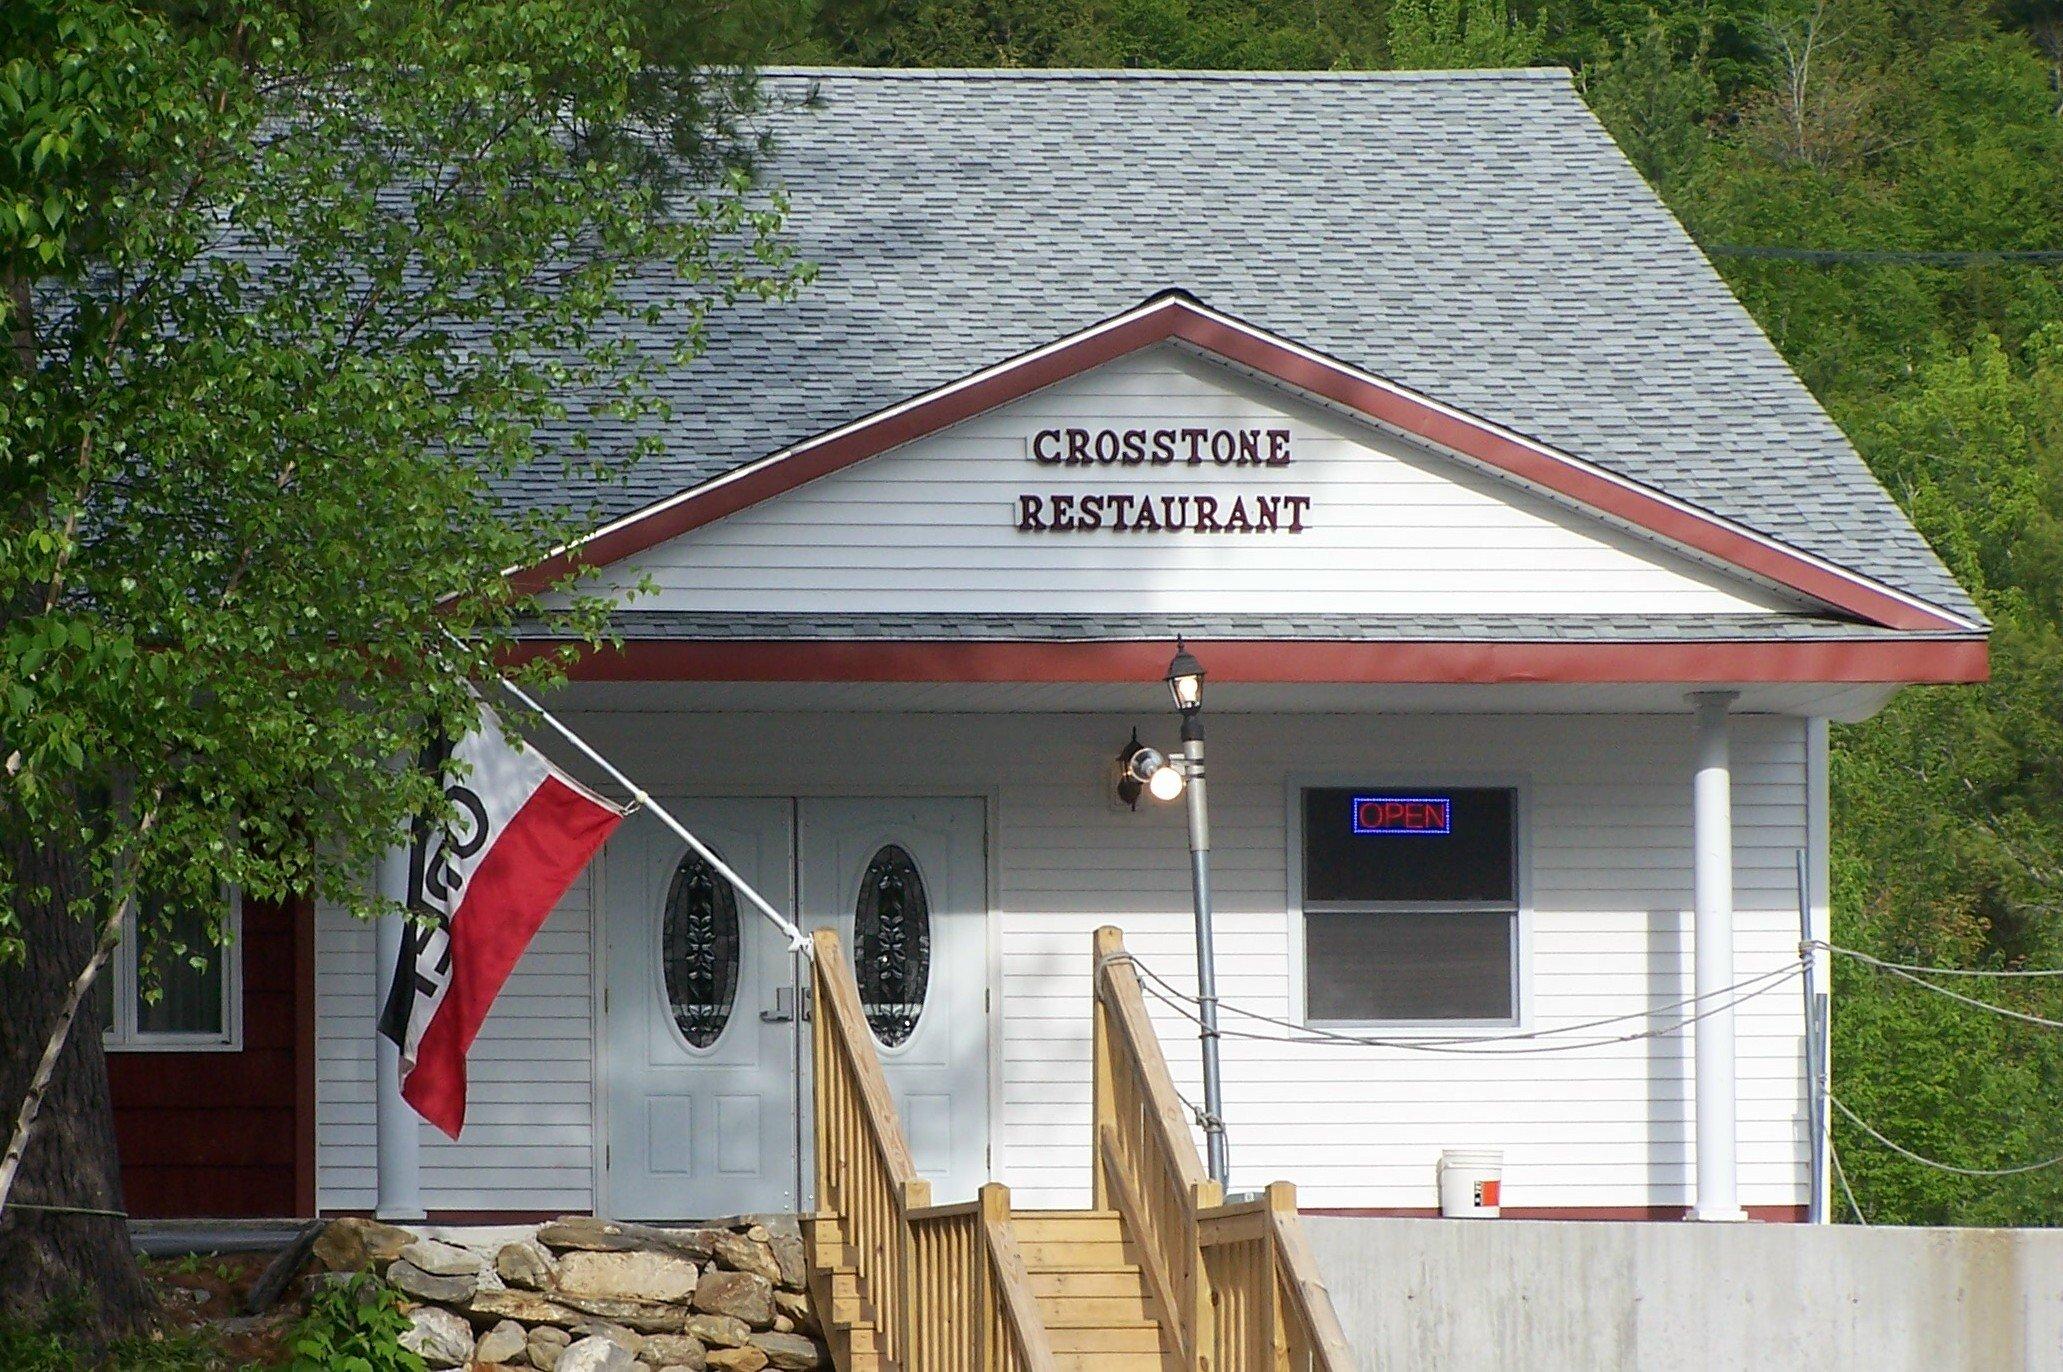 """Our great """"Crosstone Restaurant""""! Best food around!"""